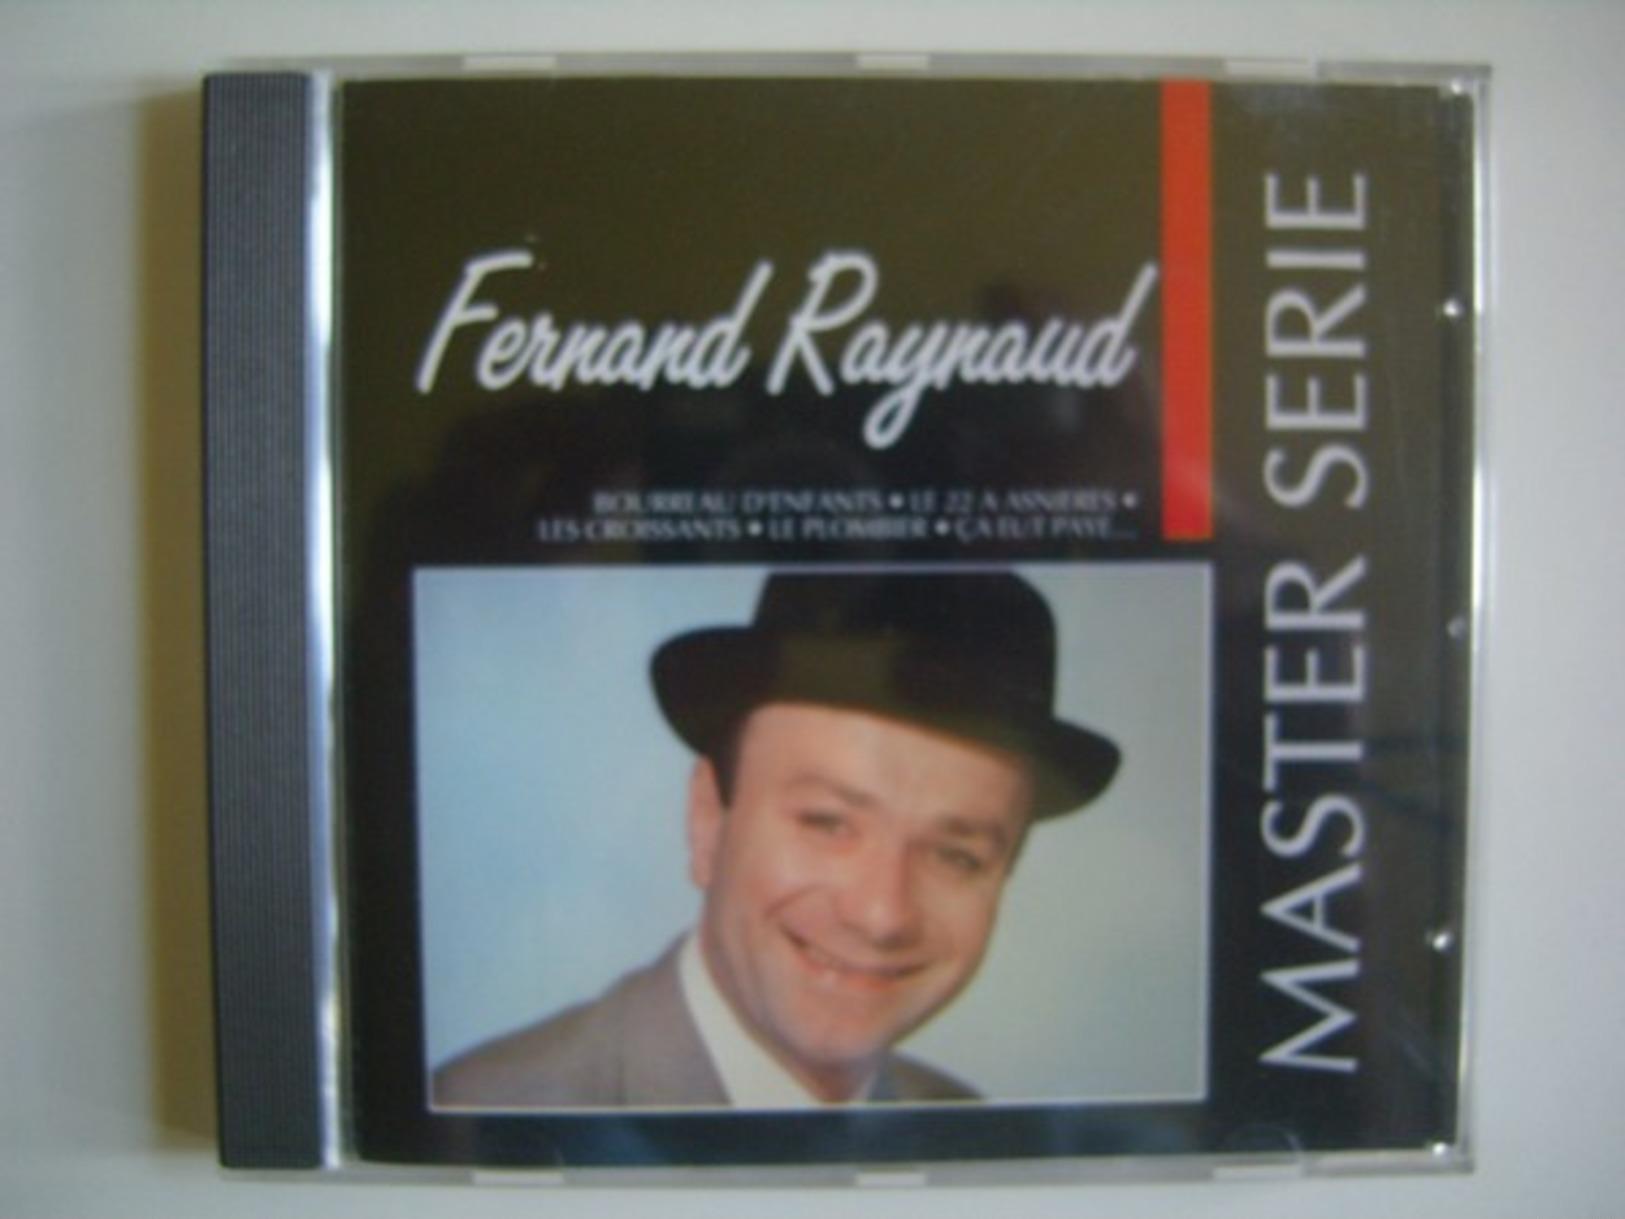 CD Album De Fernand Raynaud - Master Série - Humor, Cabaret